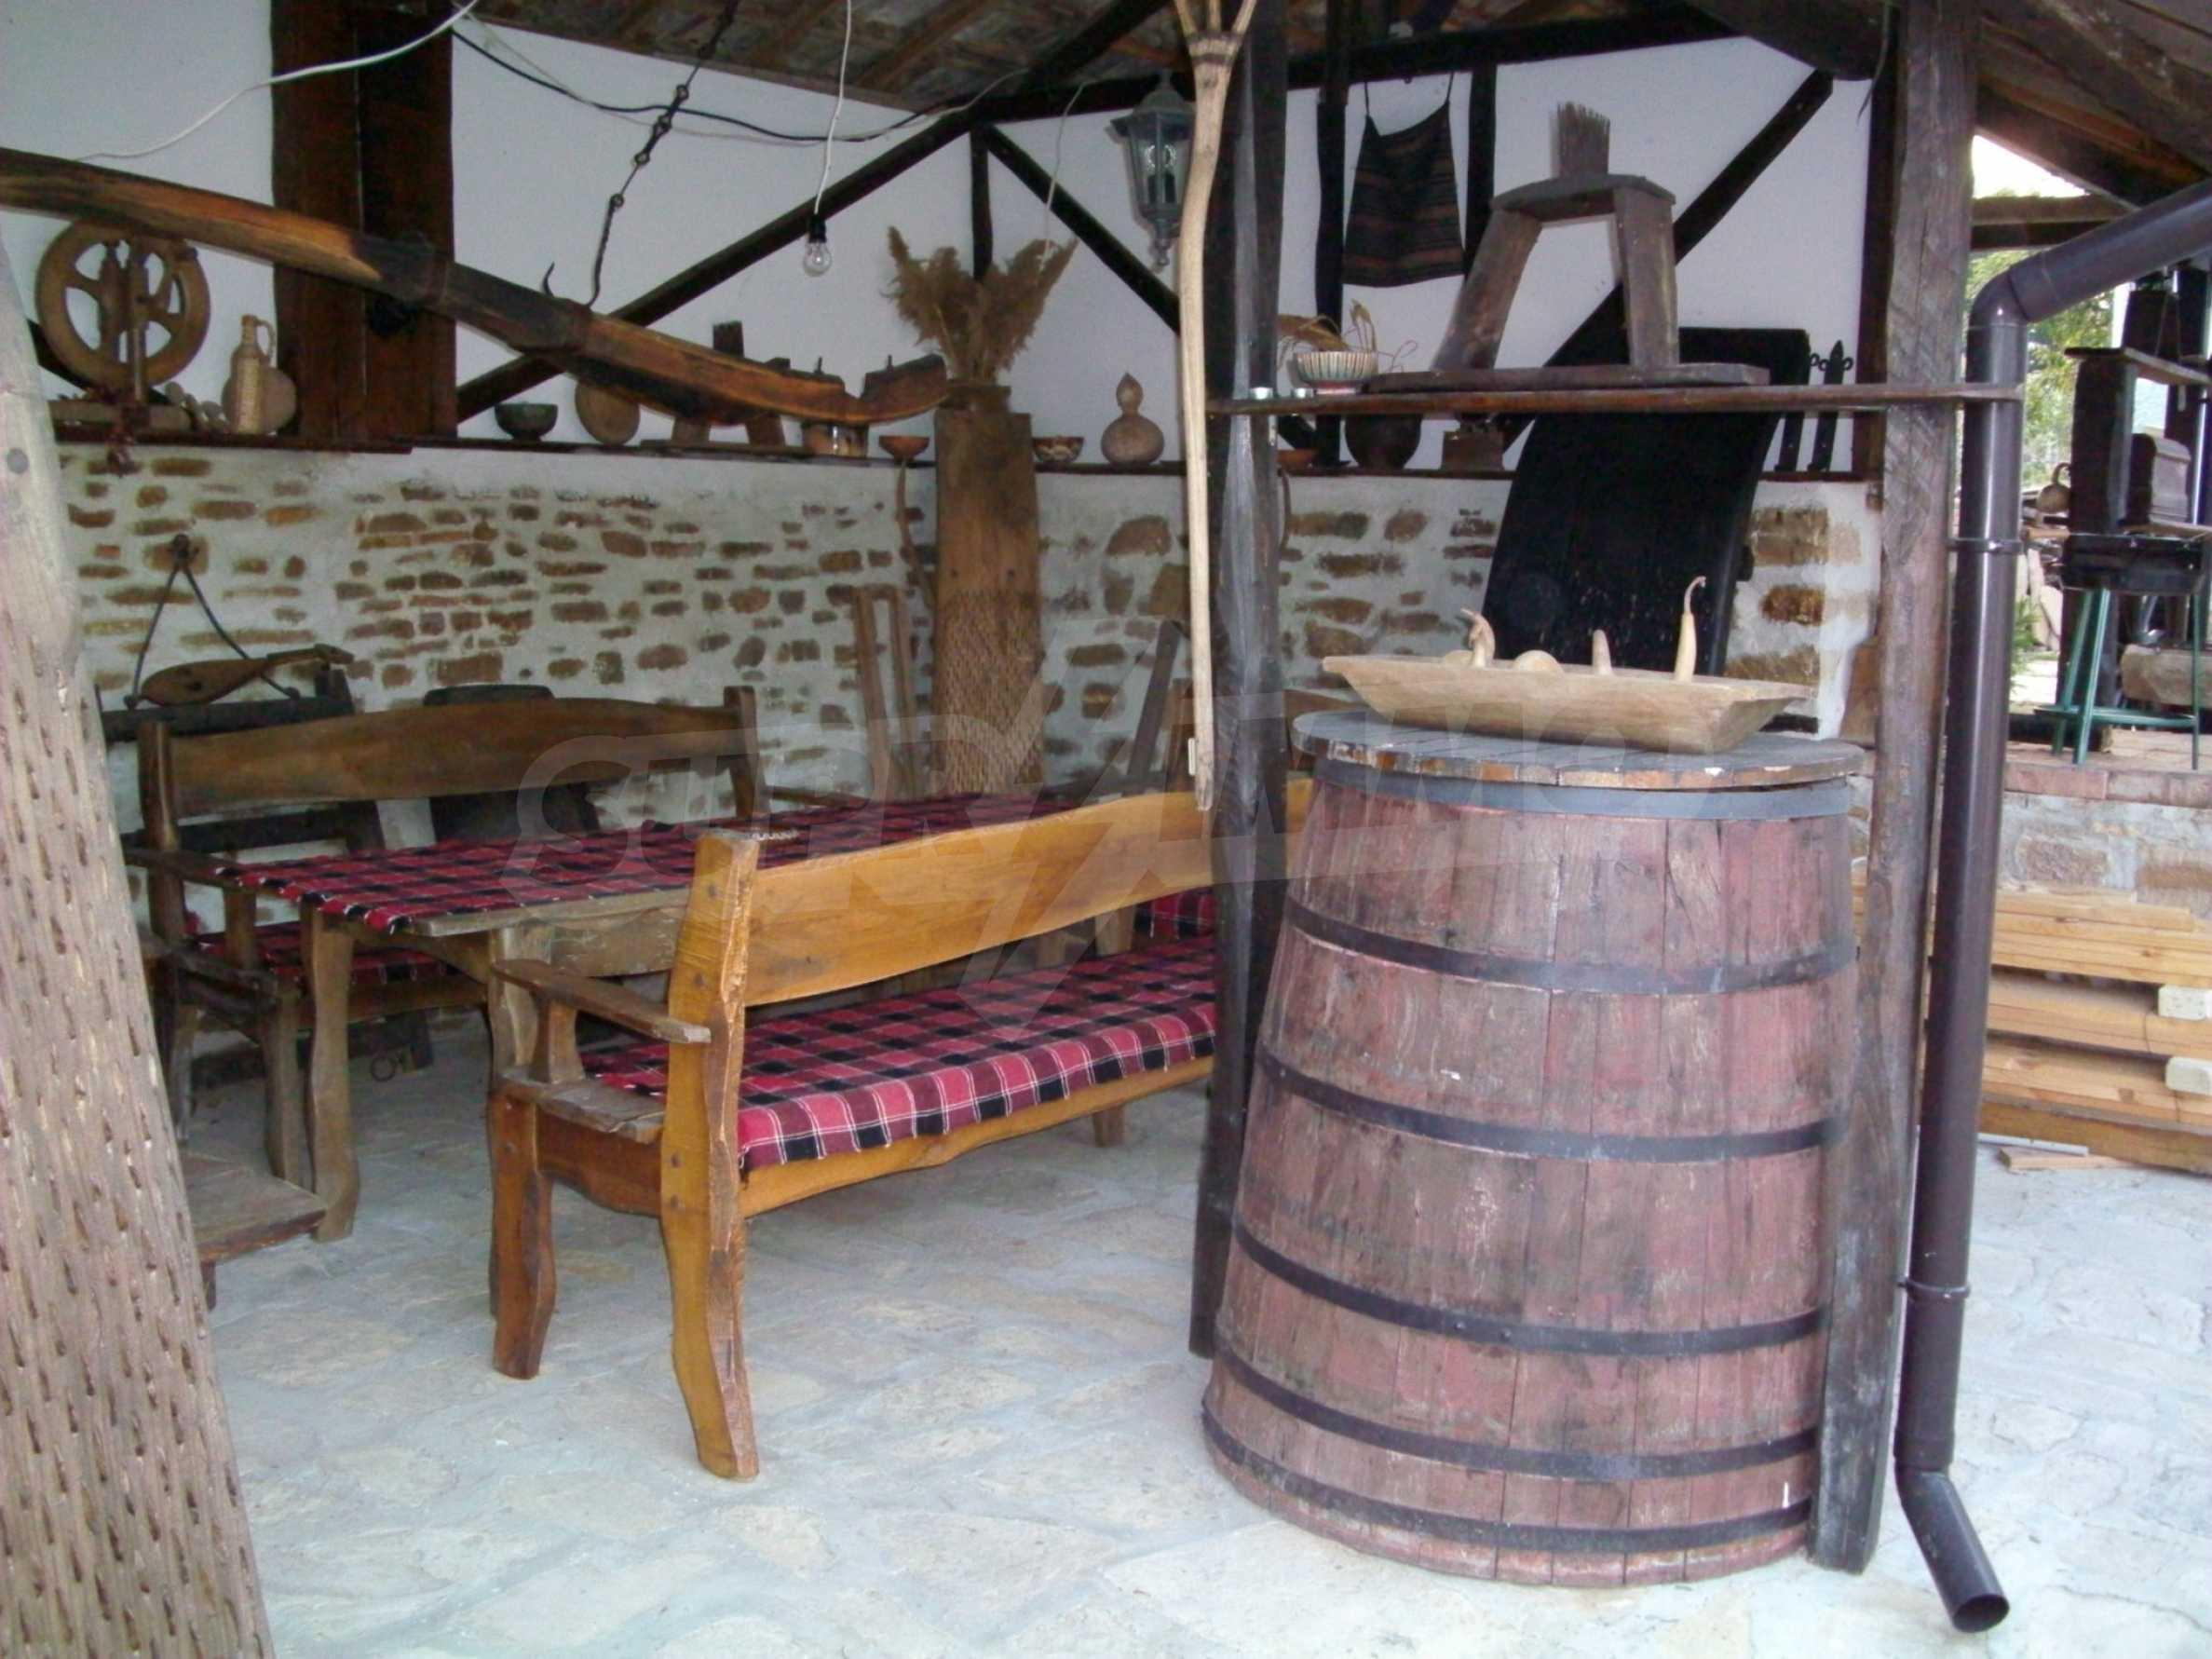 Vollständig möbliertes Anwesen im erhaltenen traditionellen bulgarischen Stil 24